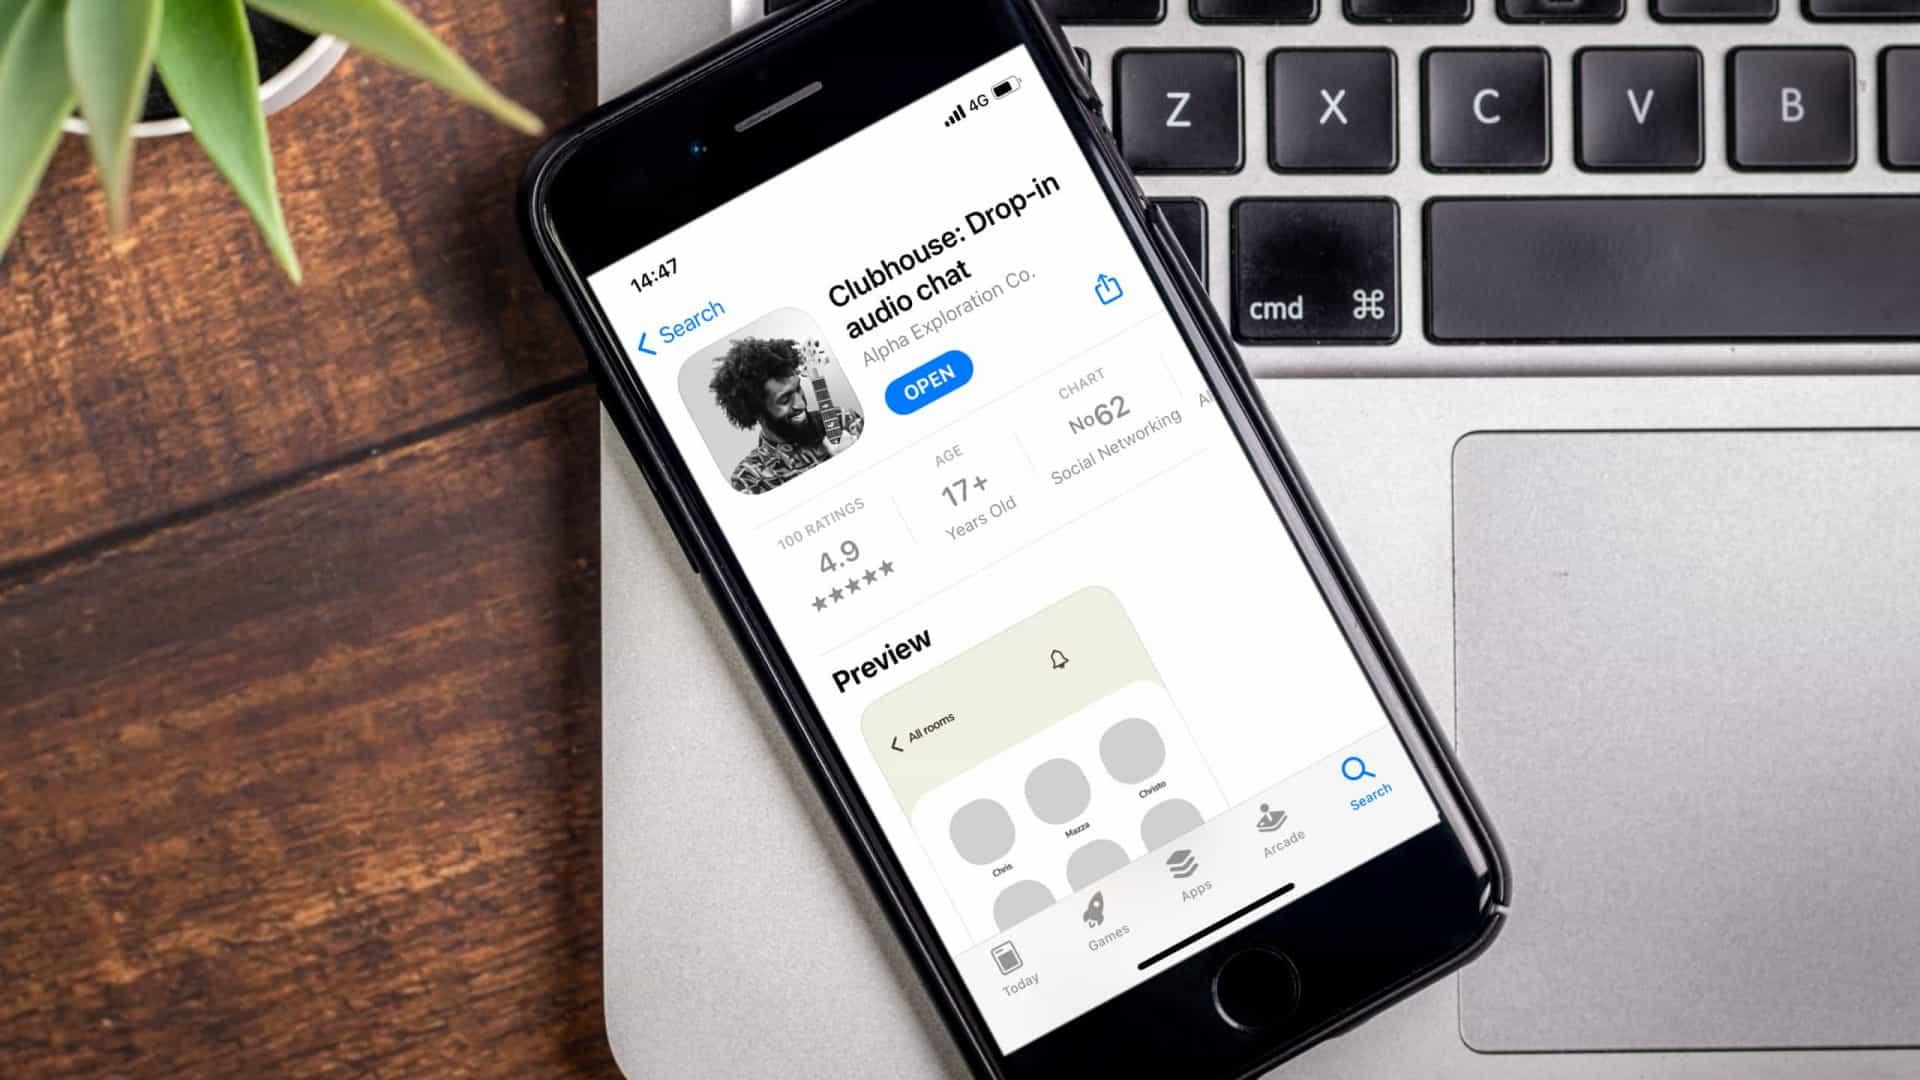 naom 6024fc452462b - Depois do Snapchat e do TikTok, o Clubhouse é o próximo 'alvo' do Facebook